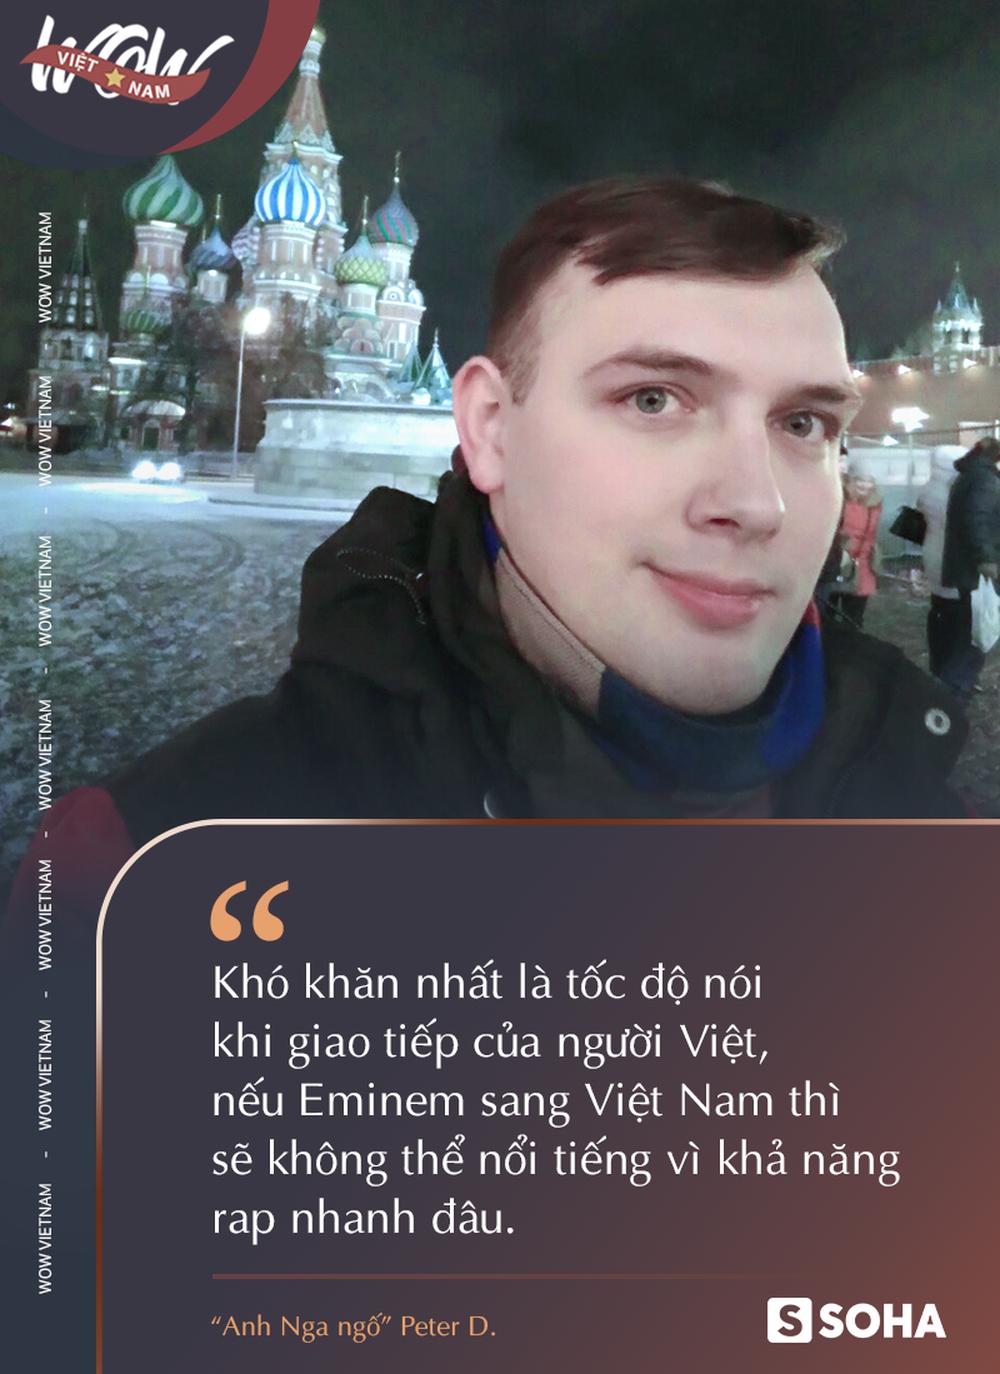 Anh Nga ngố: Eminem mà sang Việt Nam thì cũng thua nem gián, còn cái nịt - Ảnh 2.